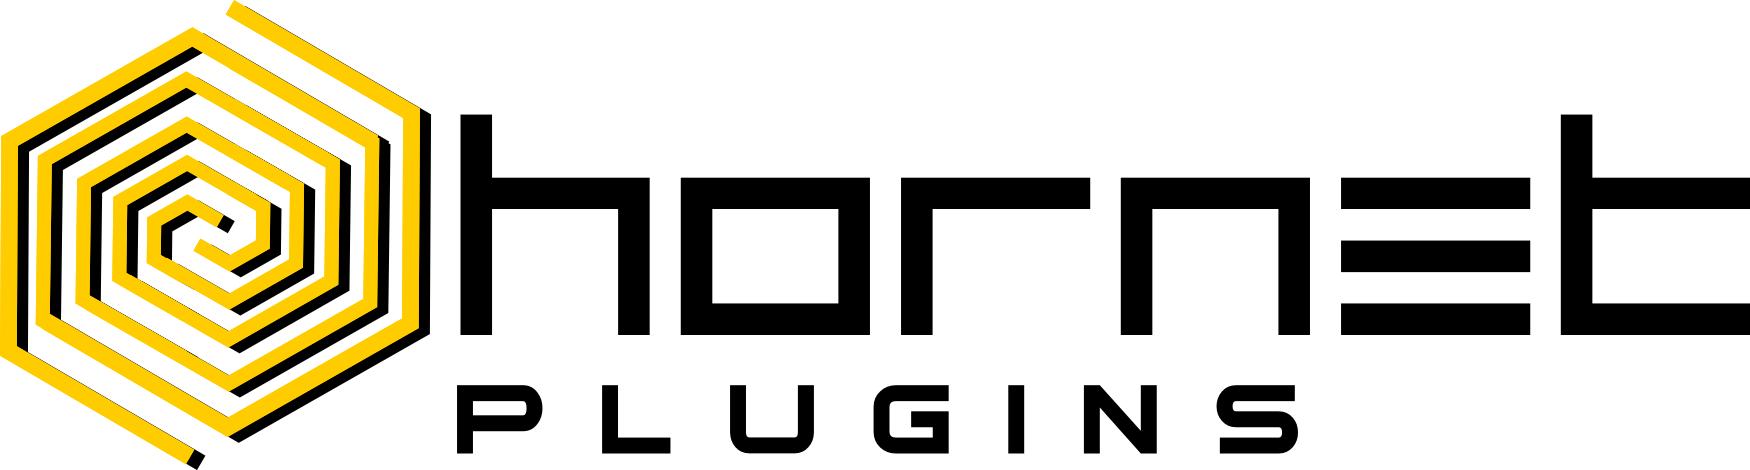 3xOver di HoRNet Plugins, un piccolo e funzionale equalizzatore crossover